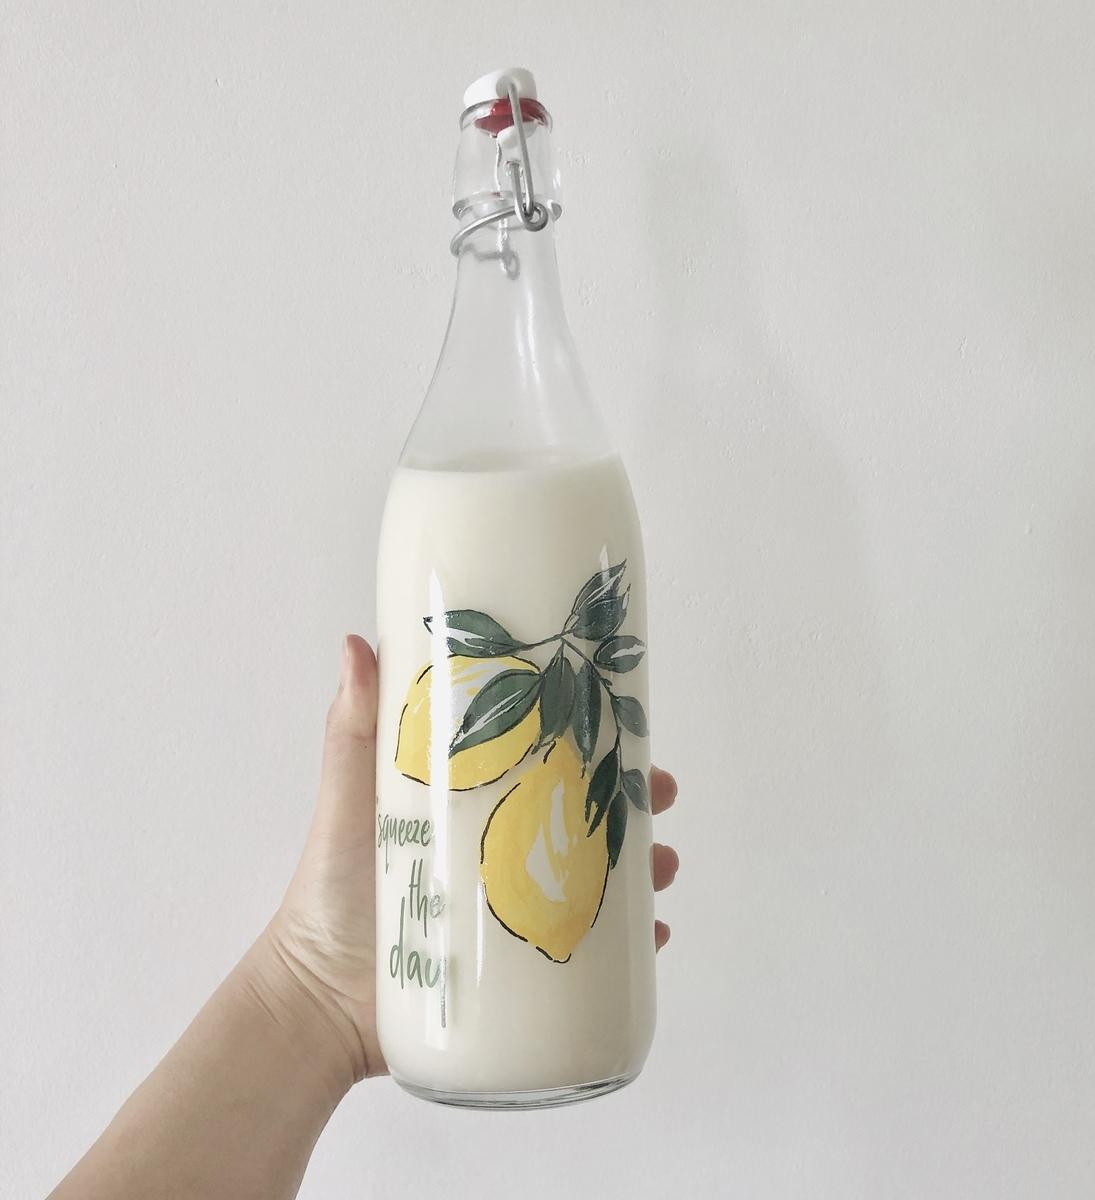 手作りオートミルク, オートミルクレシピ